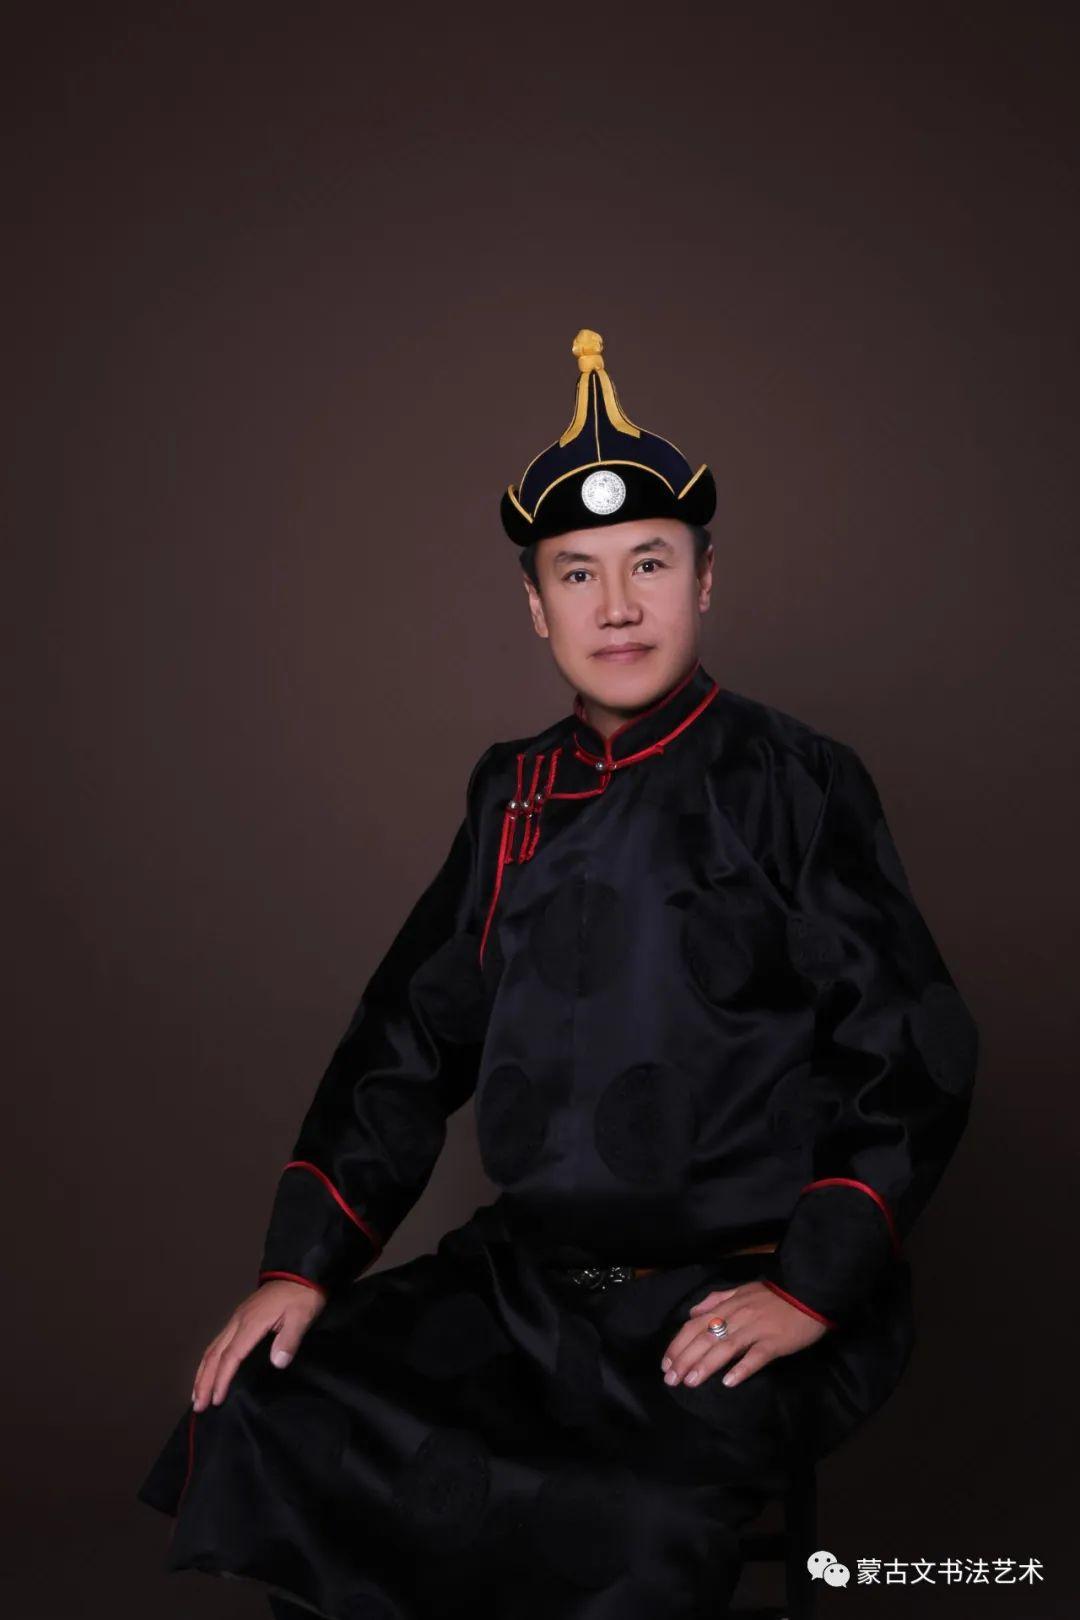 毕力格图蒙古文书法 第1张